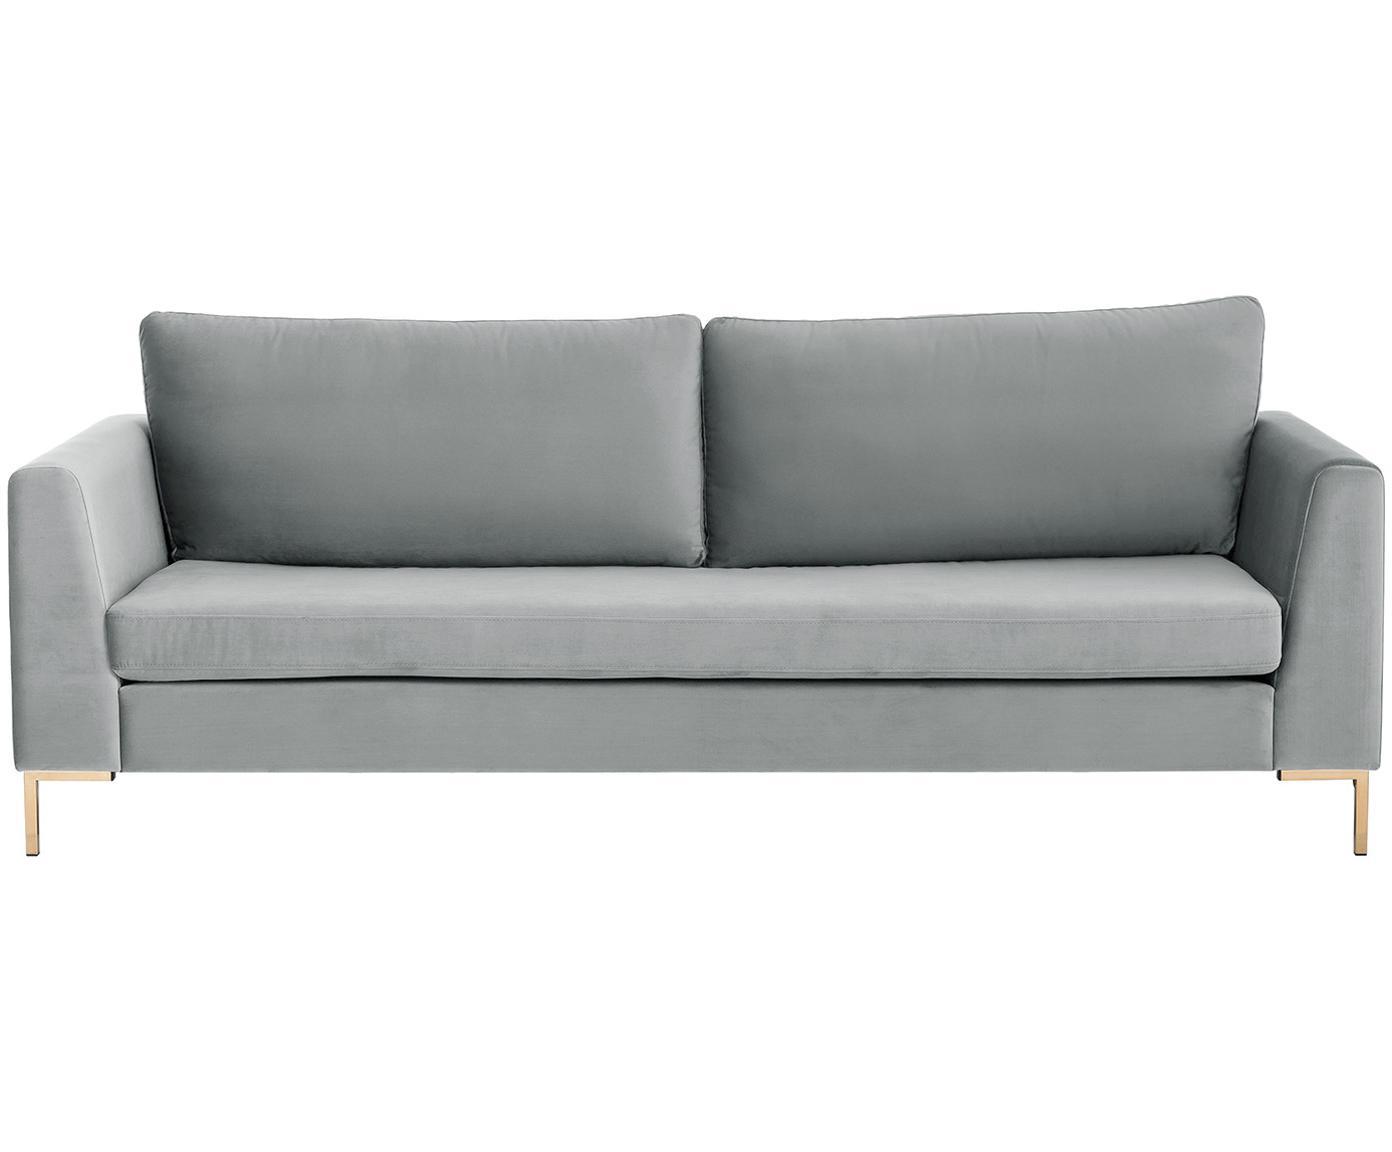 Sofa z aksamitu Luna (3-osobowa), Tapicerka: aksamit (poliester) 8000, Stelaż: lite drewno bukowe, Nogi: metal galwanizowany, Aksamitny jasny szary, złoty, S 230 x G 95 cm